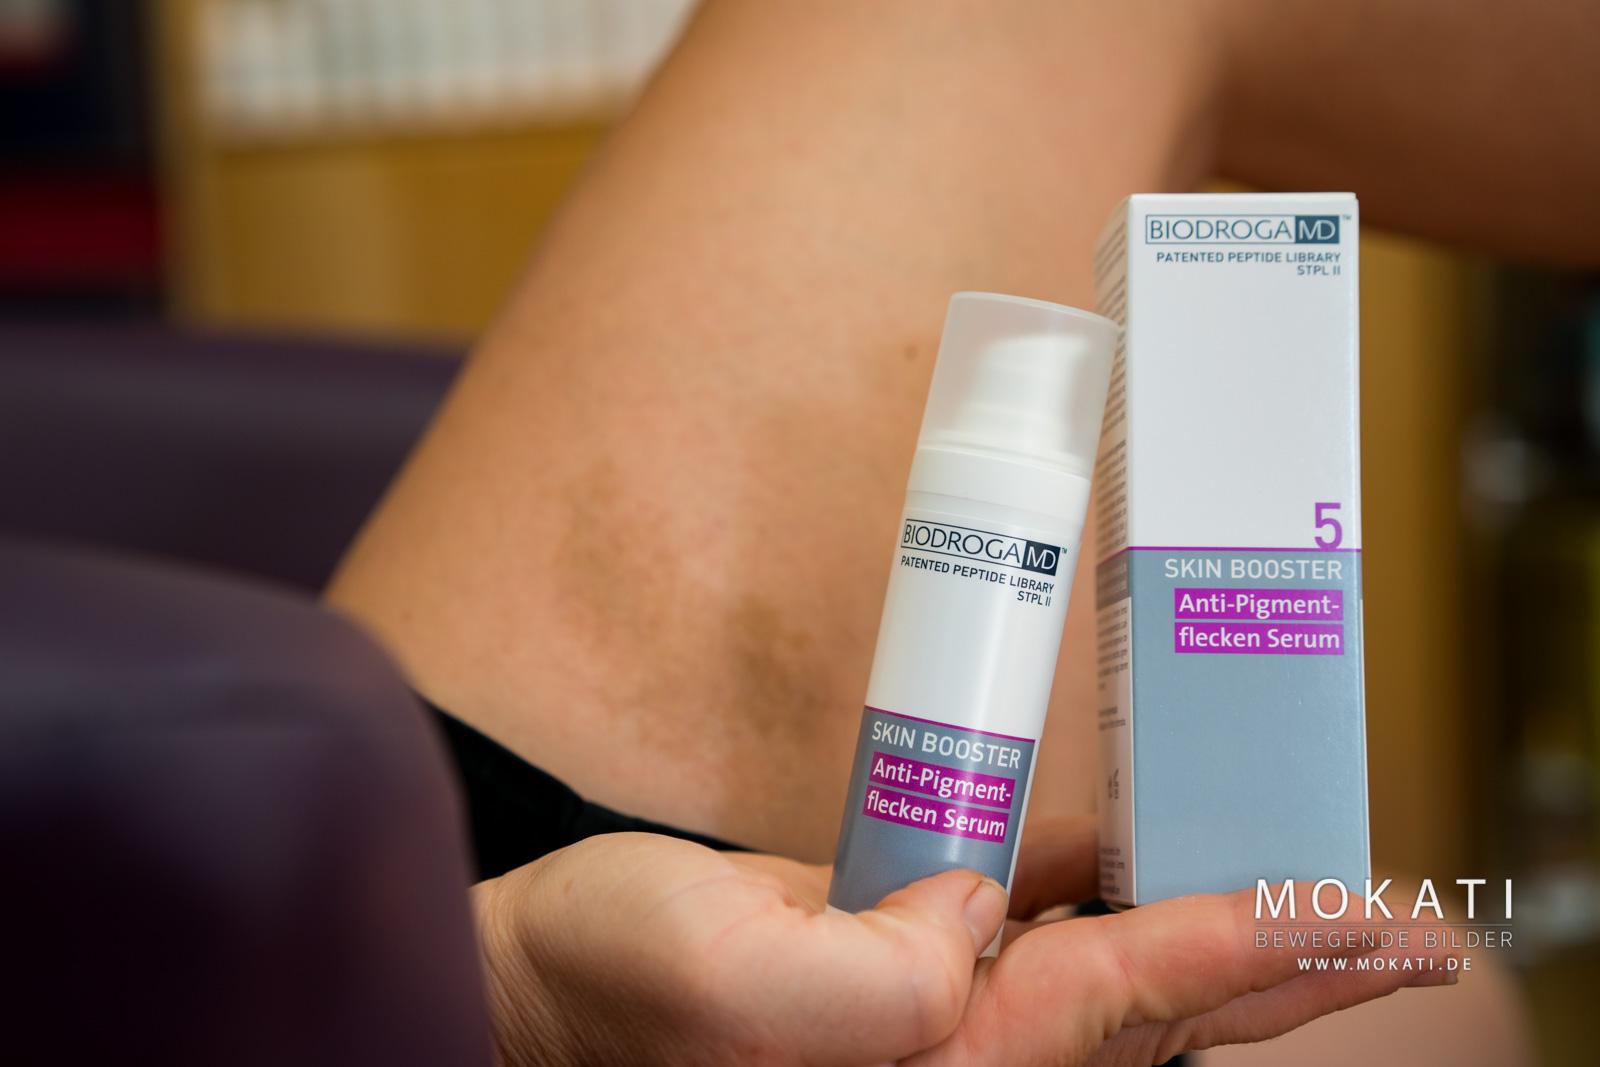 Anti-Pigmentflecken Serum im Angebot bei Redröh - Beauty & Care professional Kosmetikstudio in München